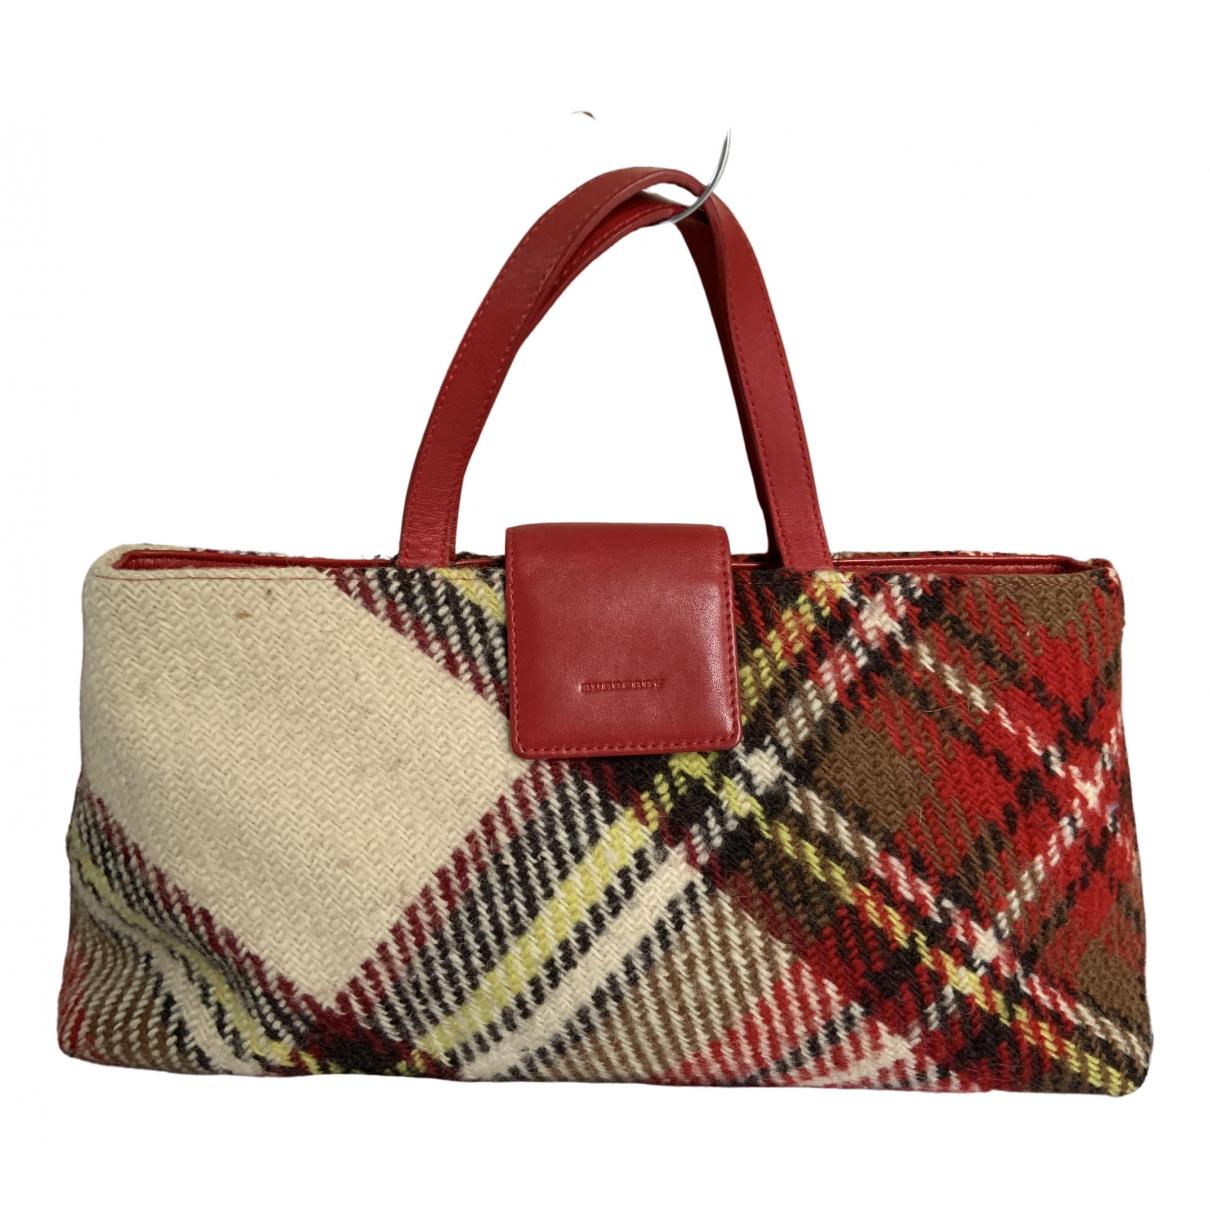 Burberry - Sac a main   pour femme en laine - bordeaux